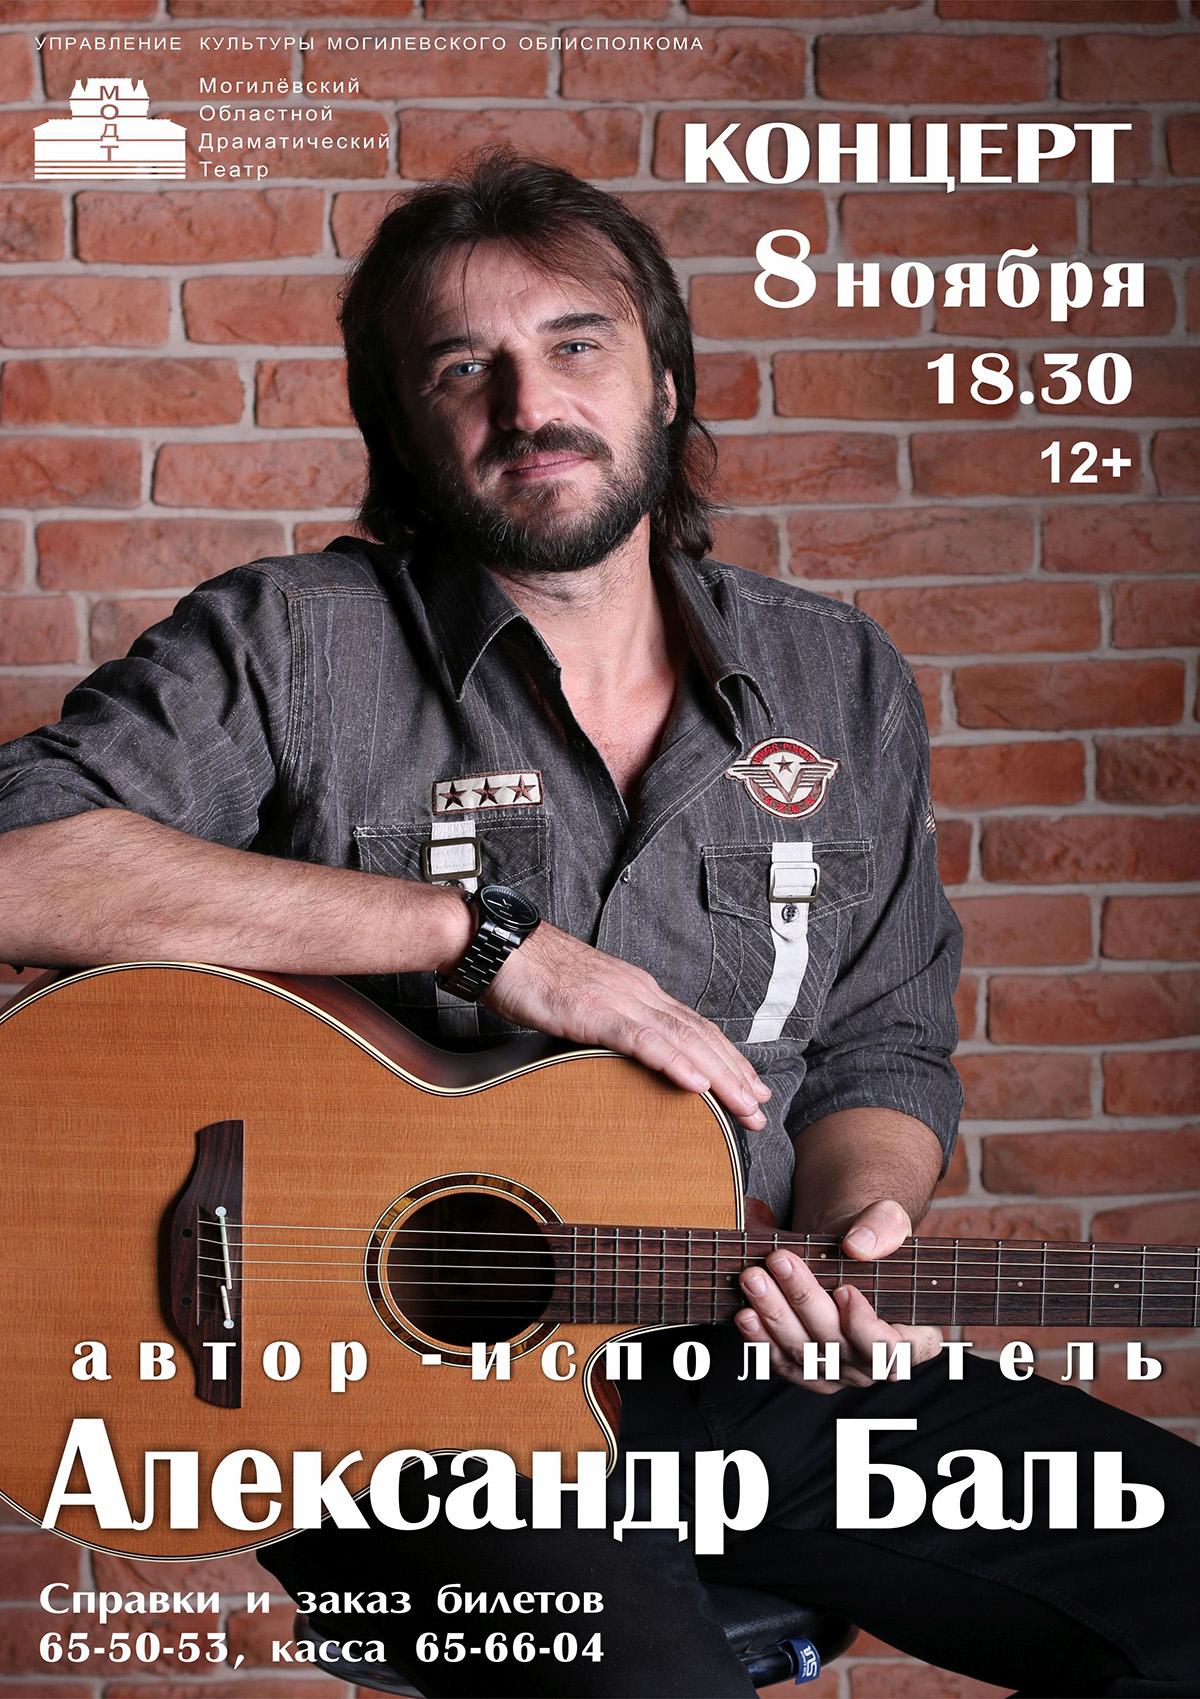 8ноября вМогилёве пройдёт сольный концерт Александра Баля